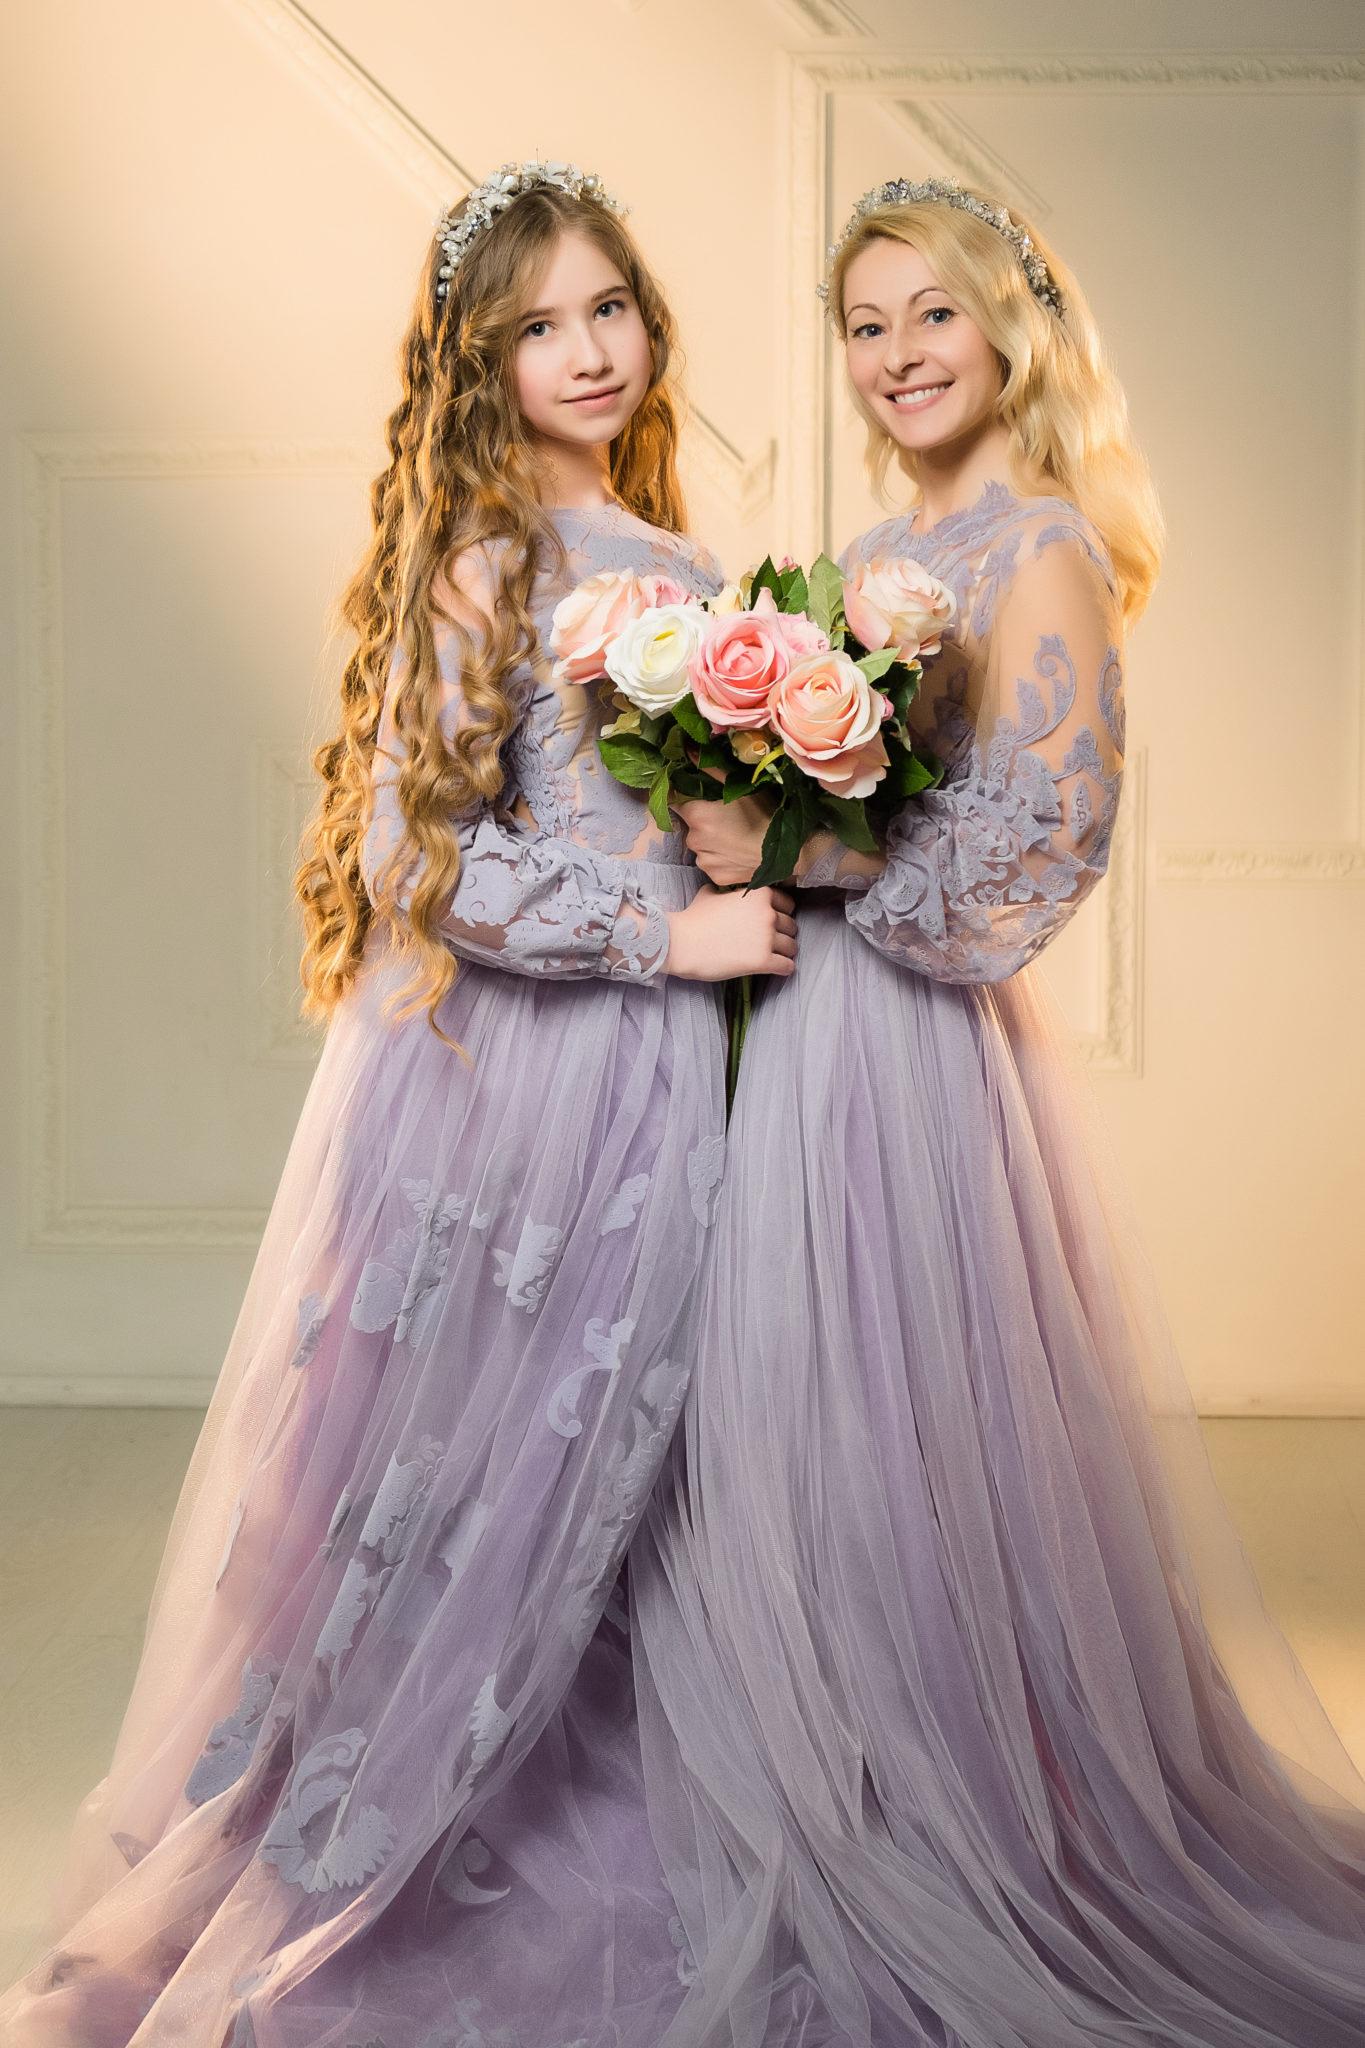 Детская фотосессия, мама с дочкой в лиловых платьях с букетом цветов